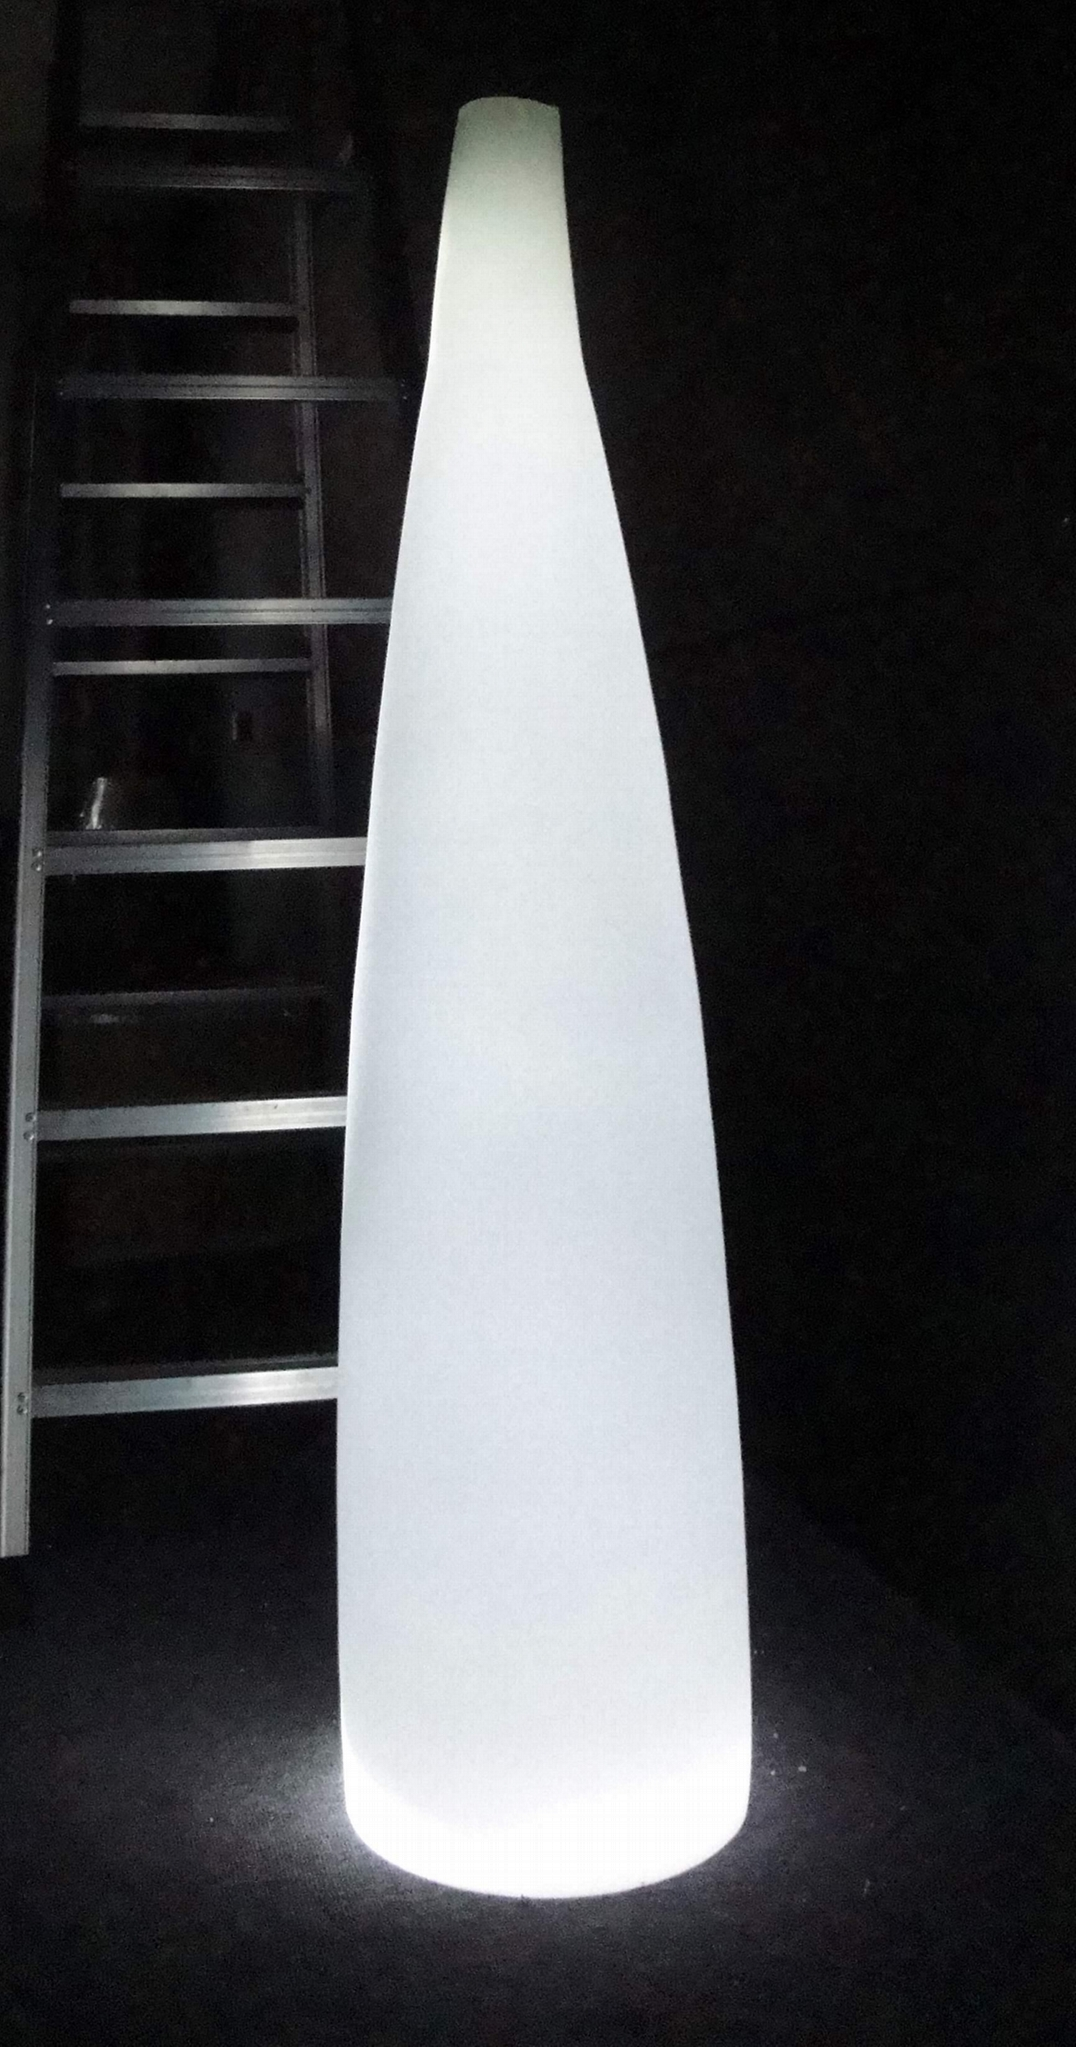 现代吹制艺术玻璃落地灯手工吹制艺术玻璃地灯 1